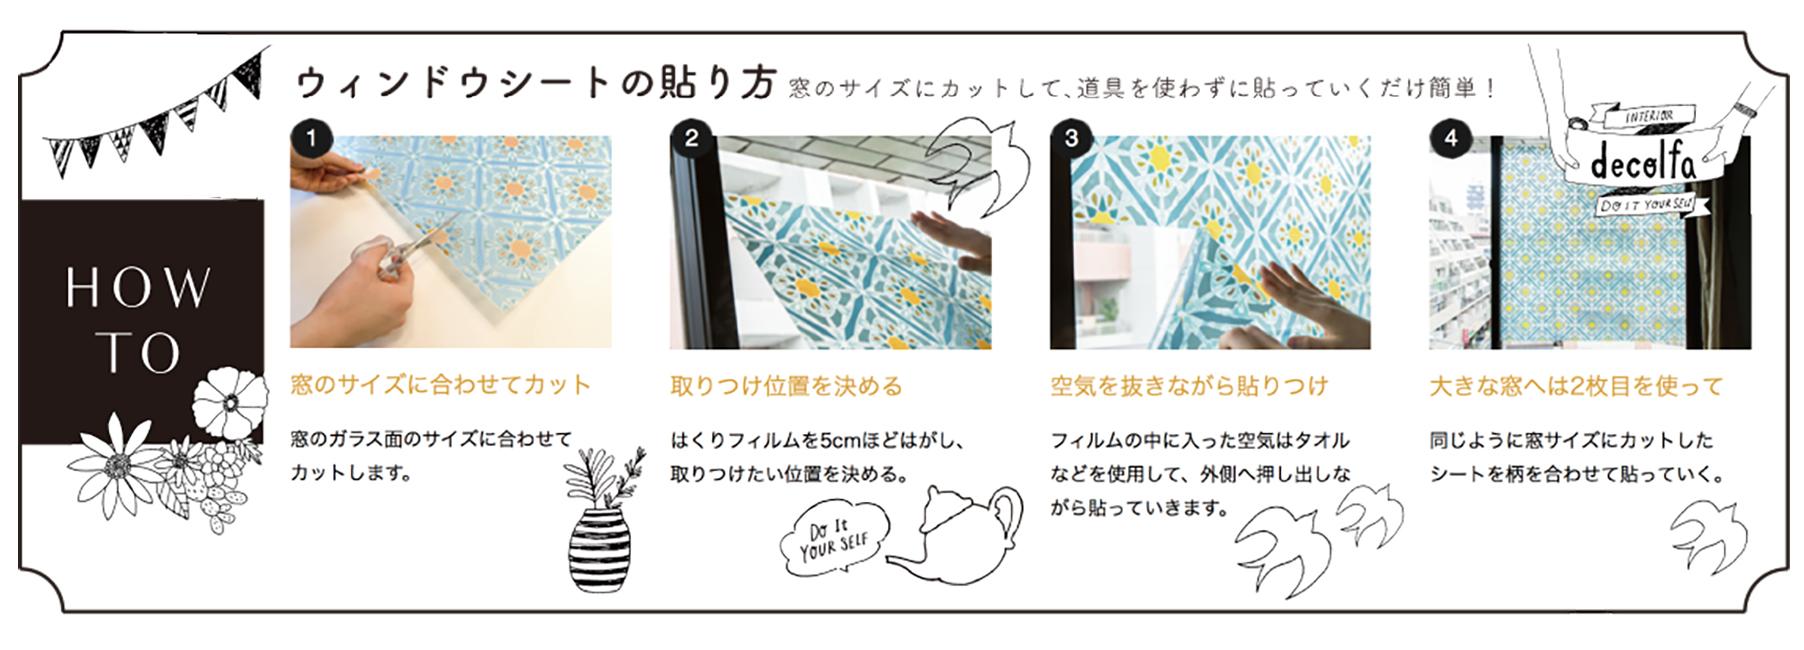 【SALE】decolfa スペシャルセット -Girly style